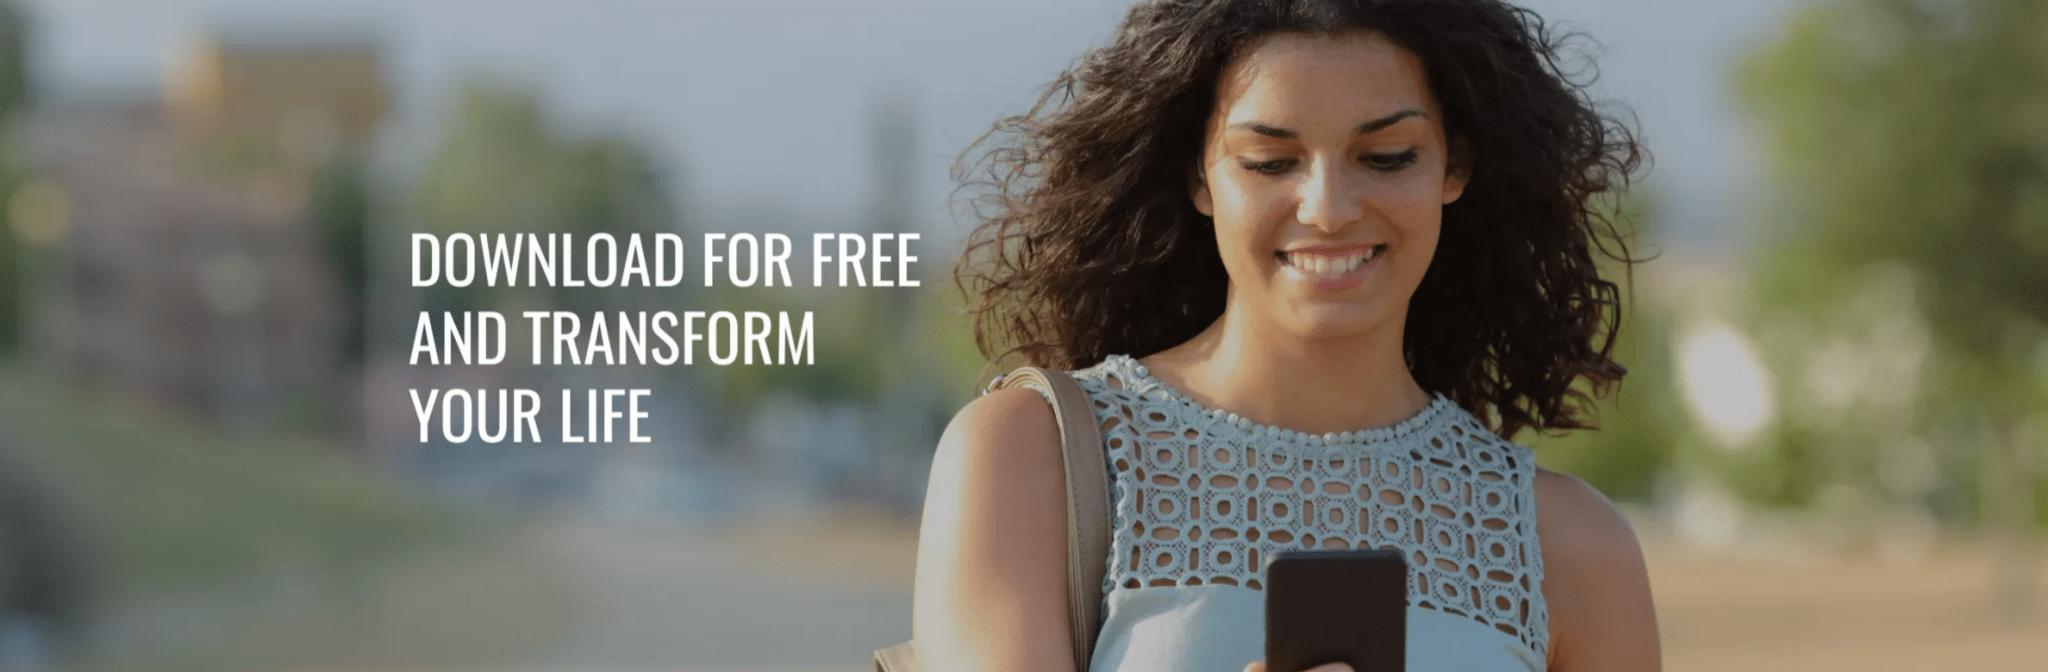 app-marketing-material-2